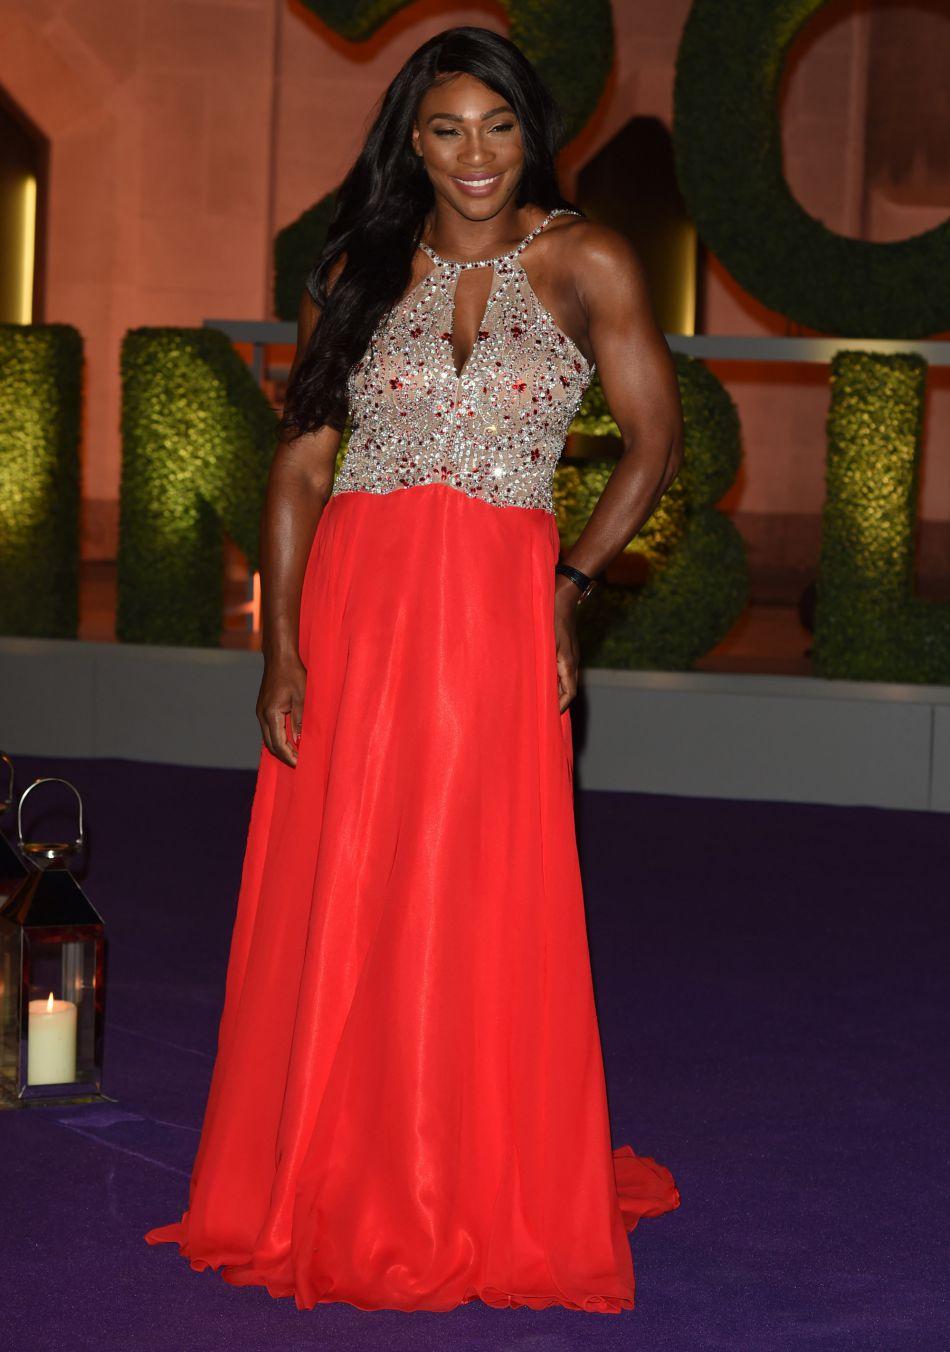 Serena Williams fière de son corps, n'hésite plus à le mettre en valeur dans des robes moulantes.